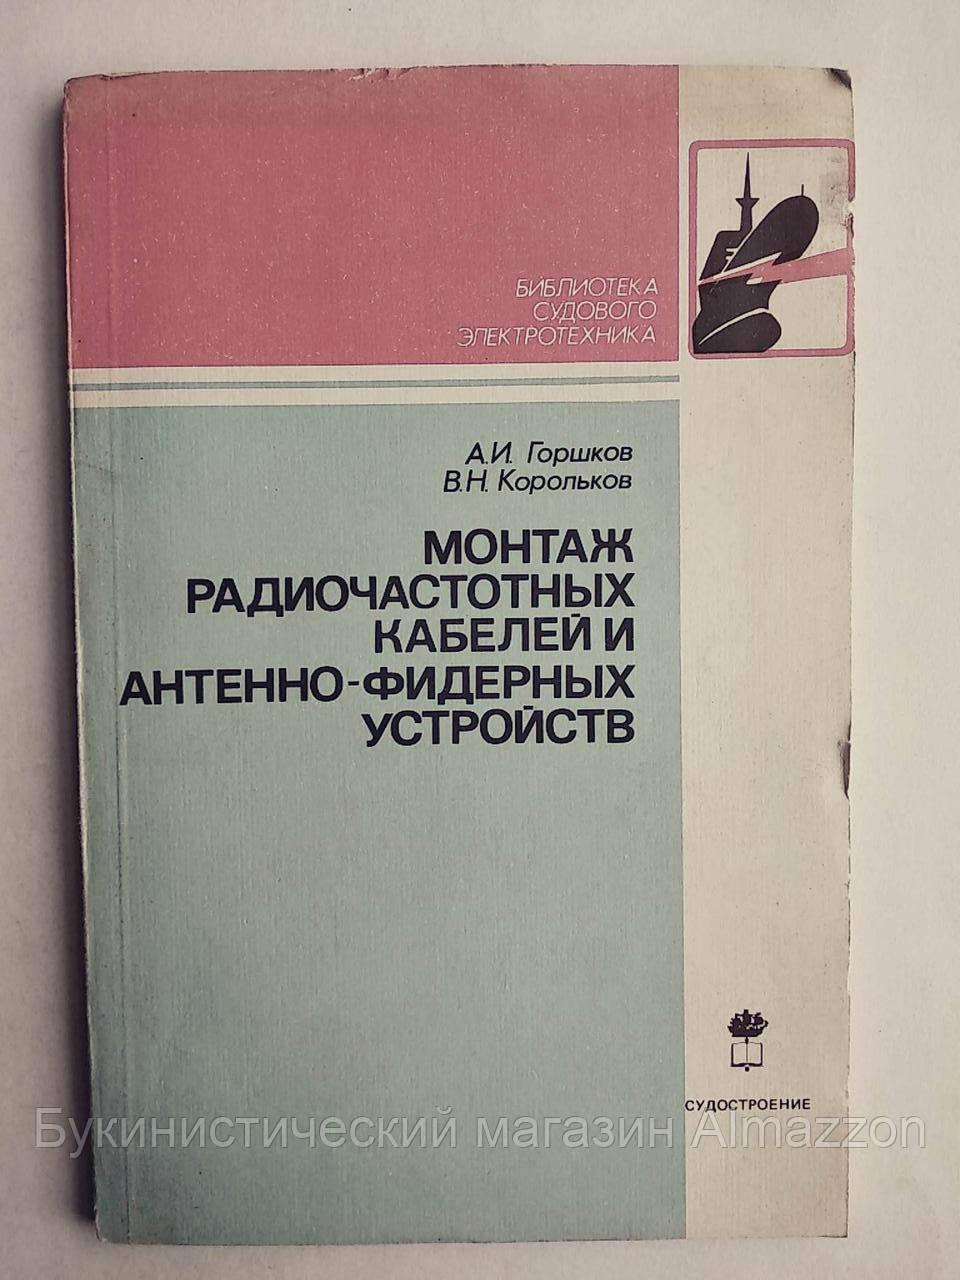 Монтаж радиочастотных кабелей и антенно-фидерных устройств А.И.Горшков